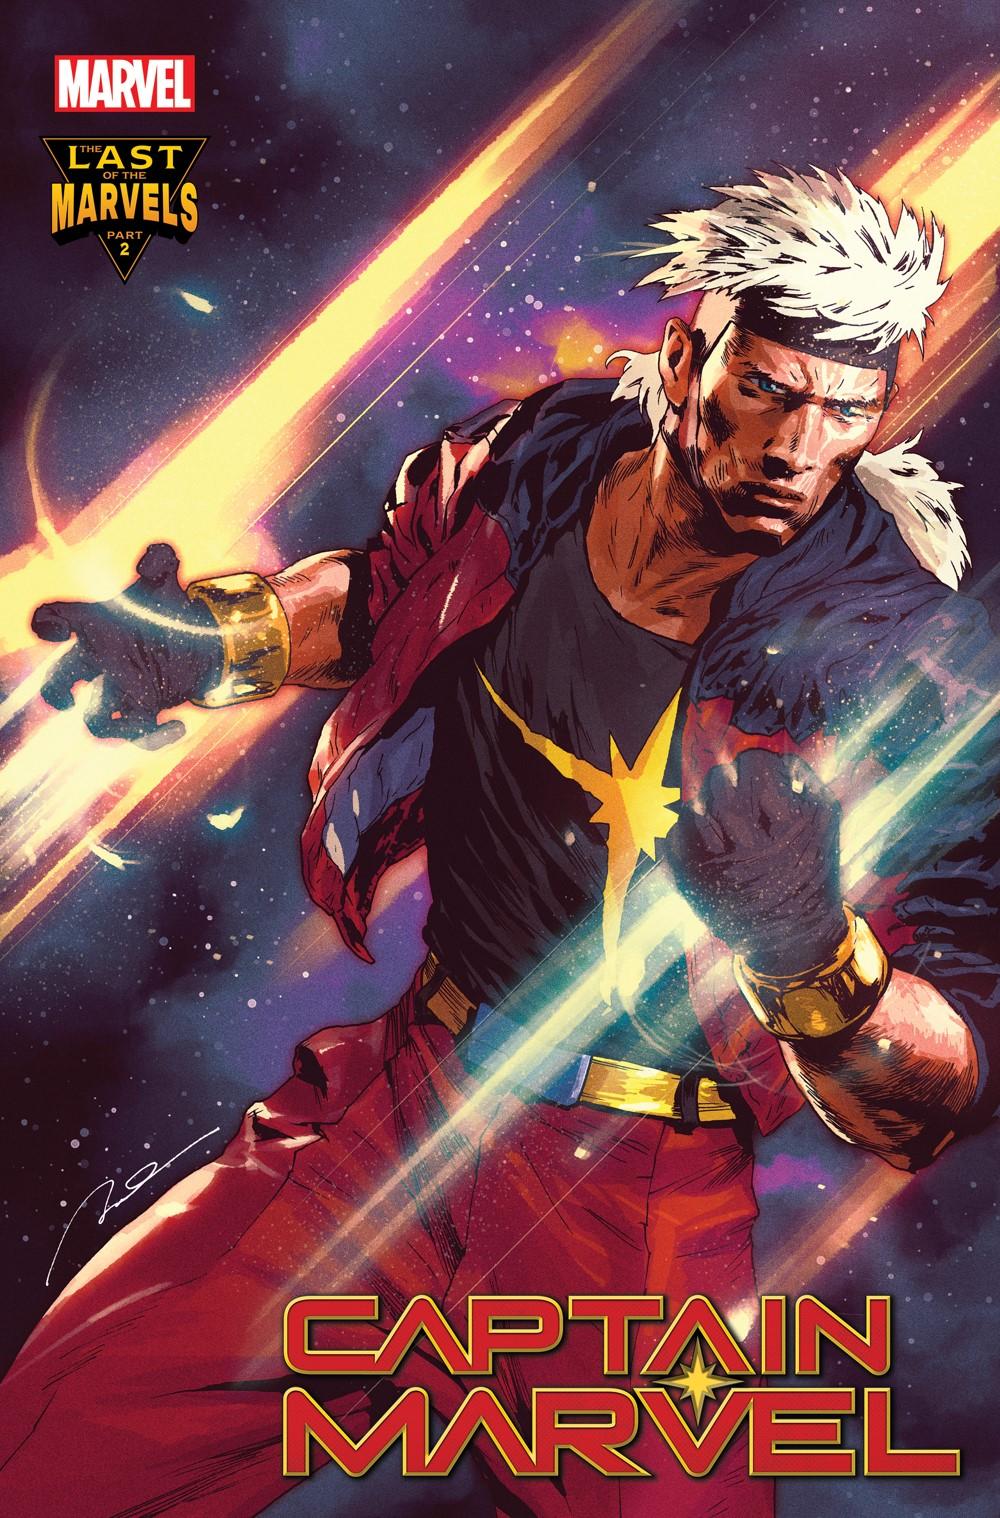 CAPMARV2019033_spoiler_var Marvel Comics October 2021 Solicitations